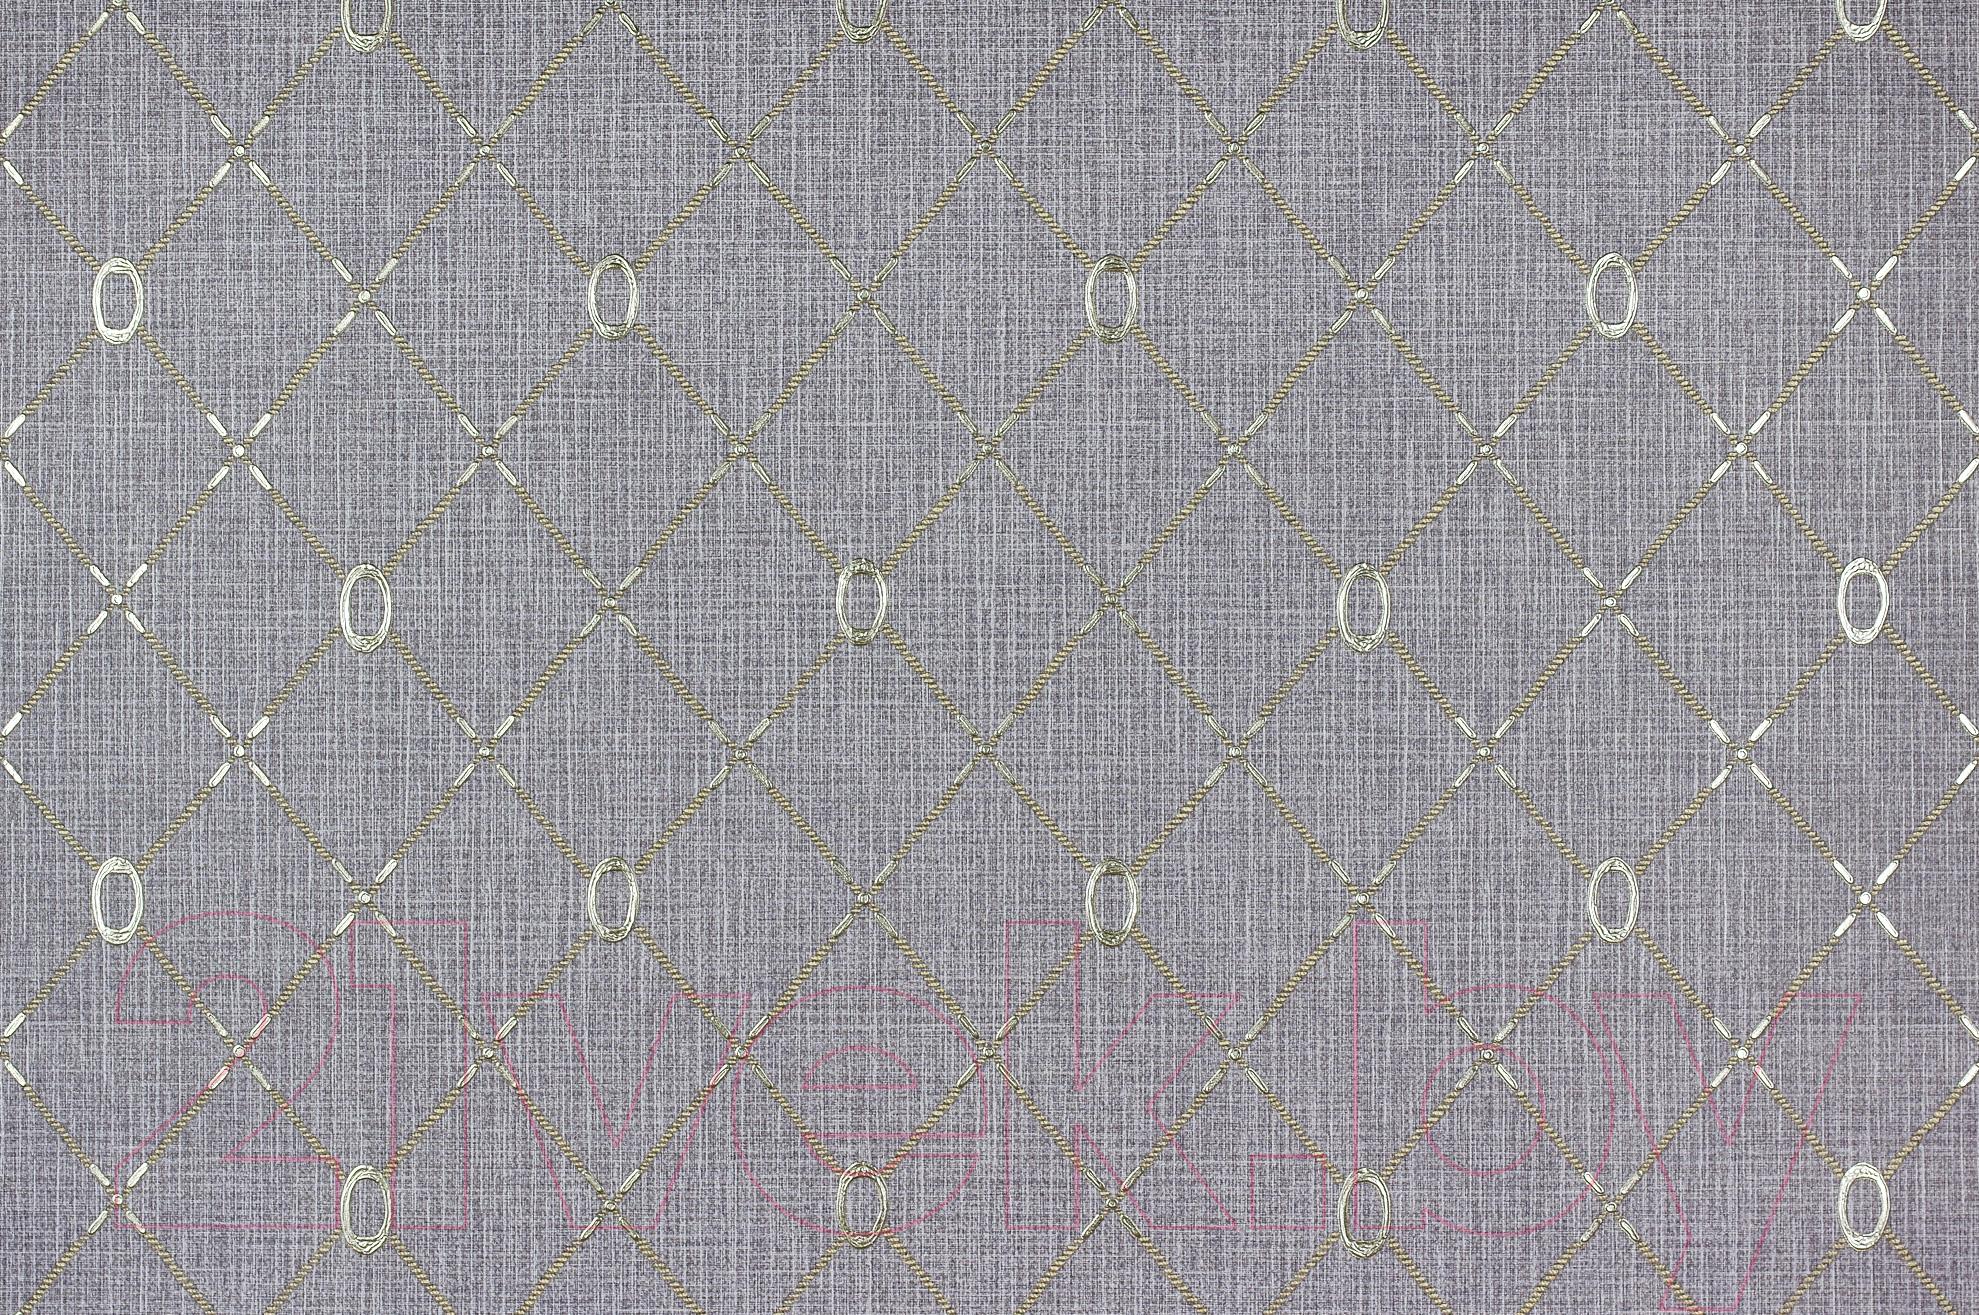 Купить Обои Артекс, Бенедикт 10204-06, Россия, серый